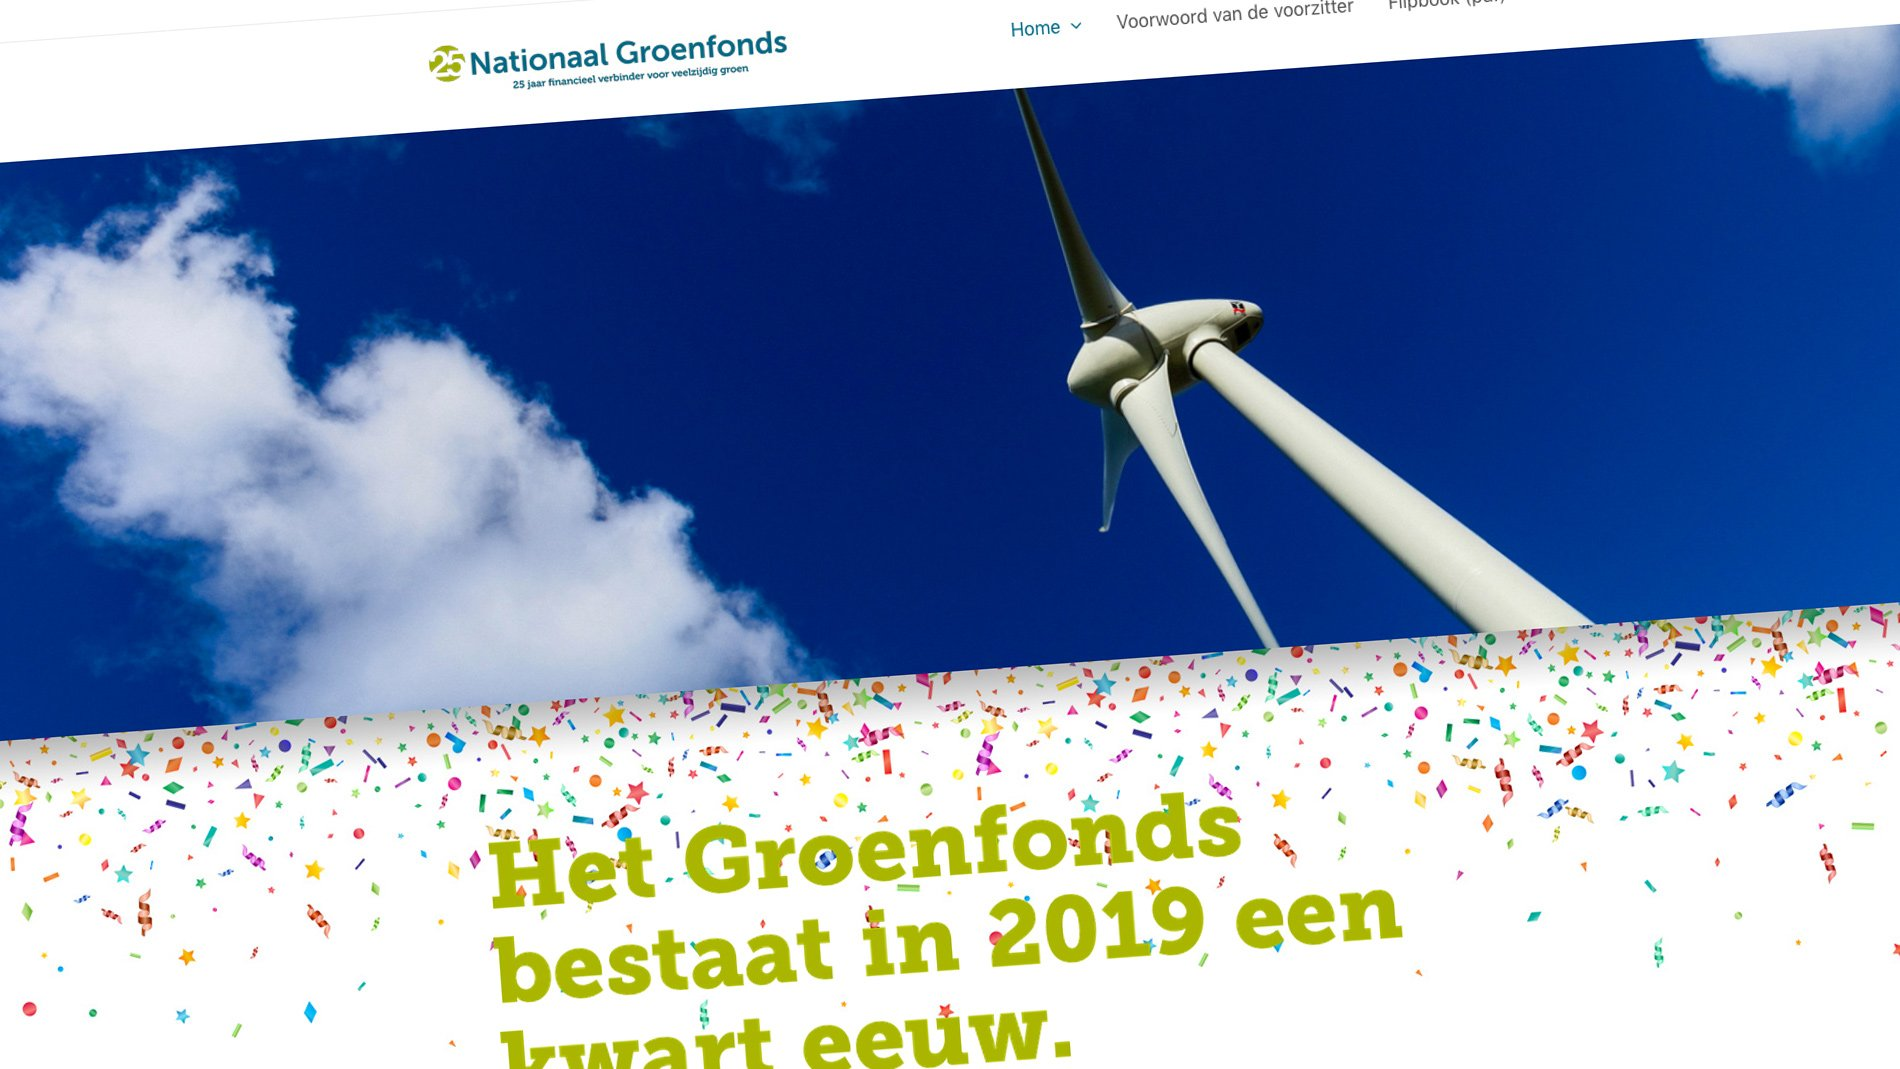 Sitback Bouwt Ook De 'website Samenvatting' Van Het Groenfonds Jaarverslag 2018